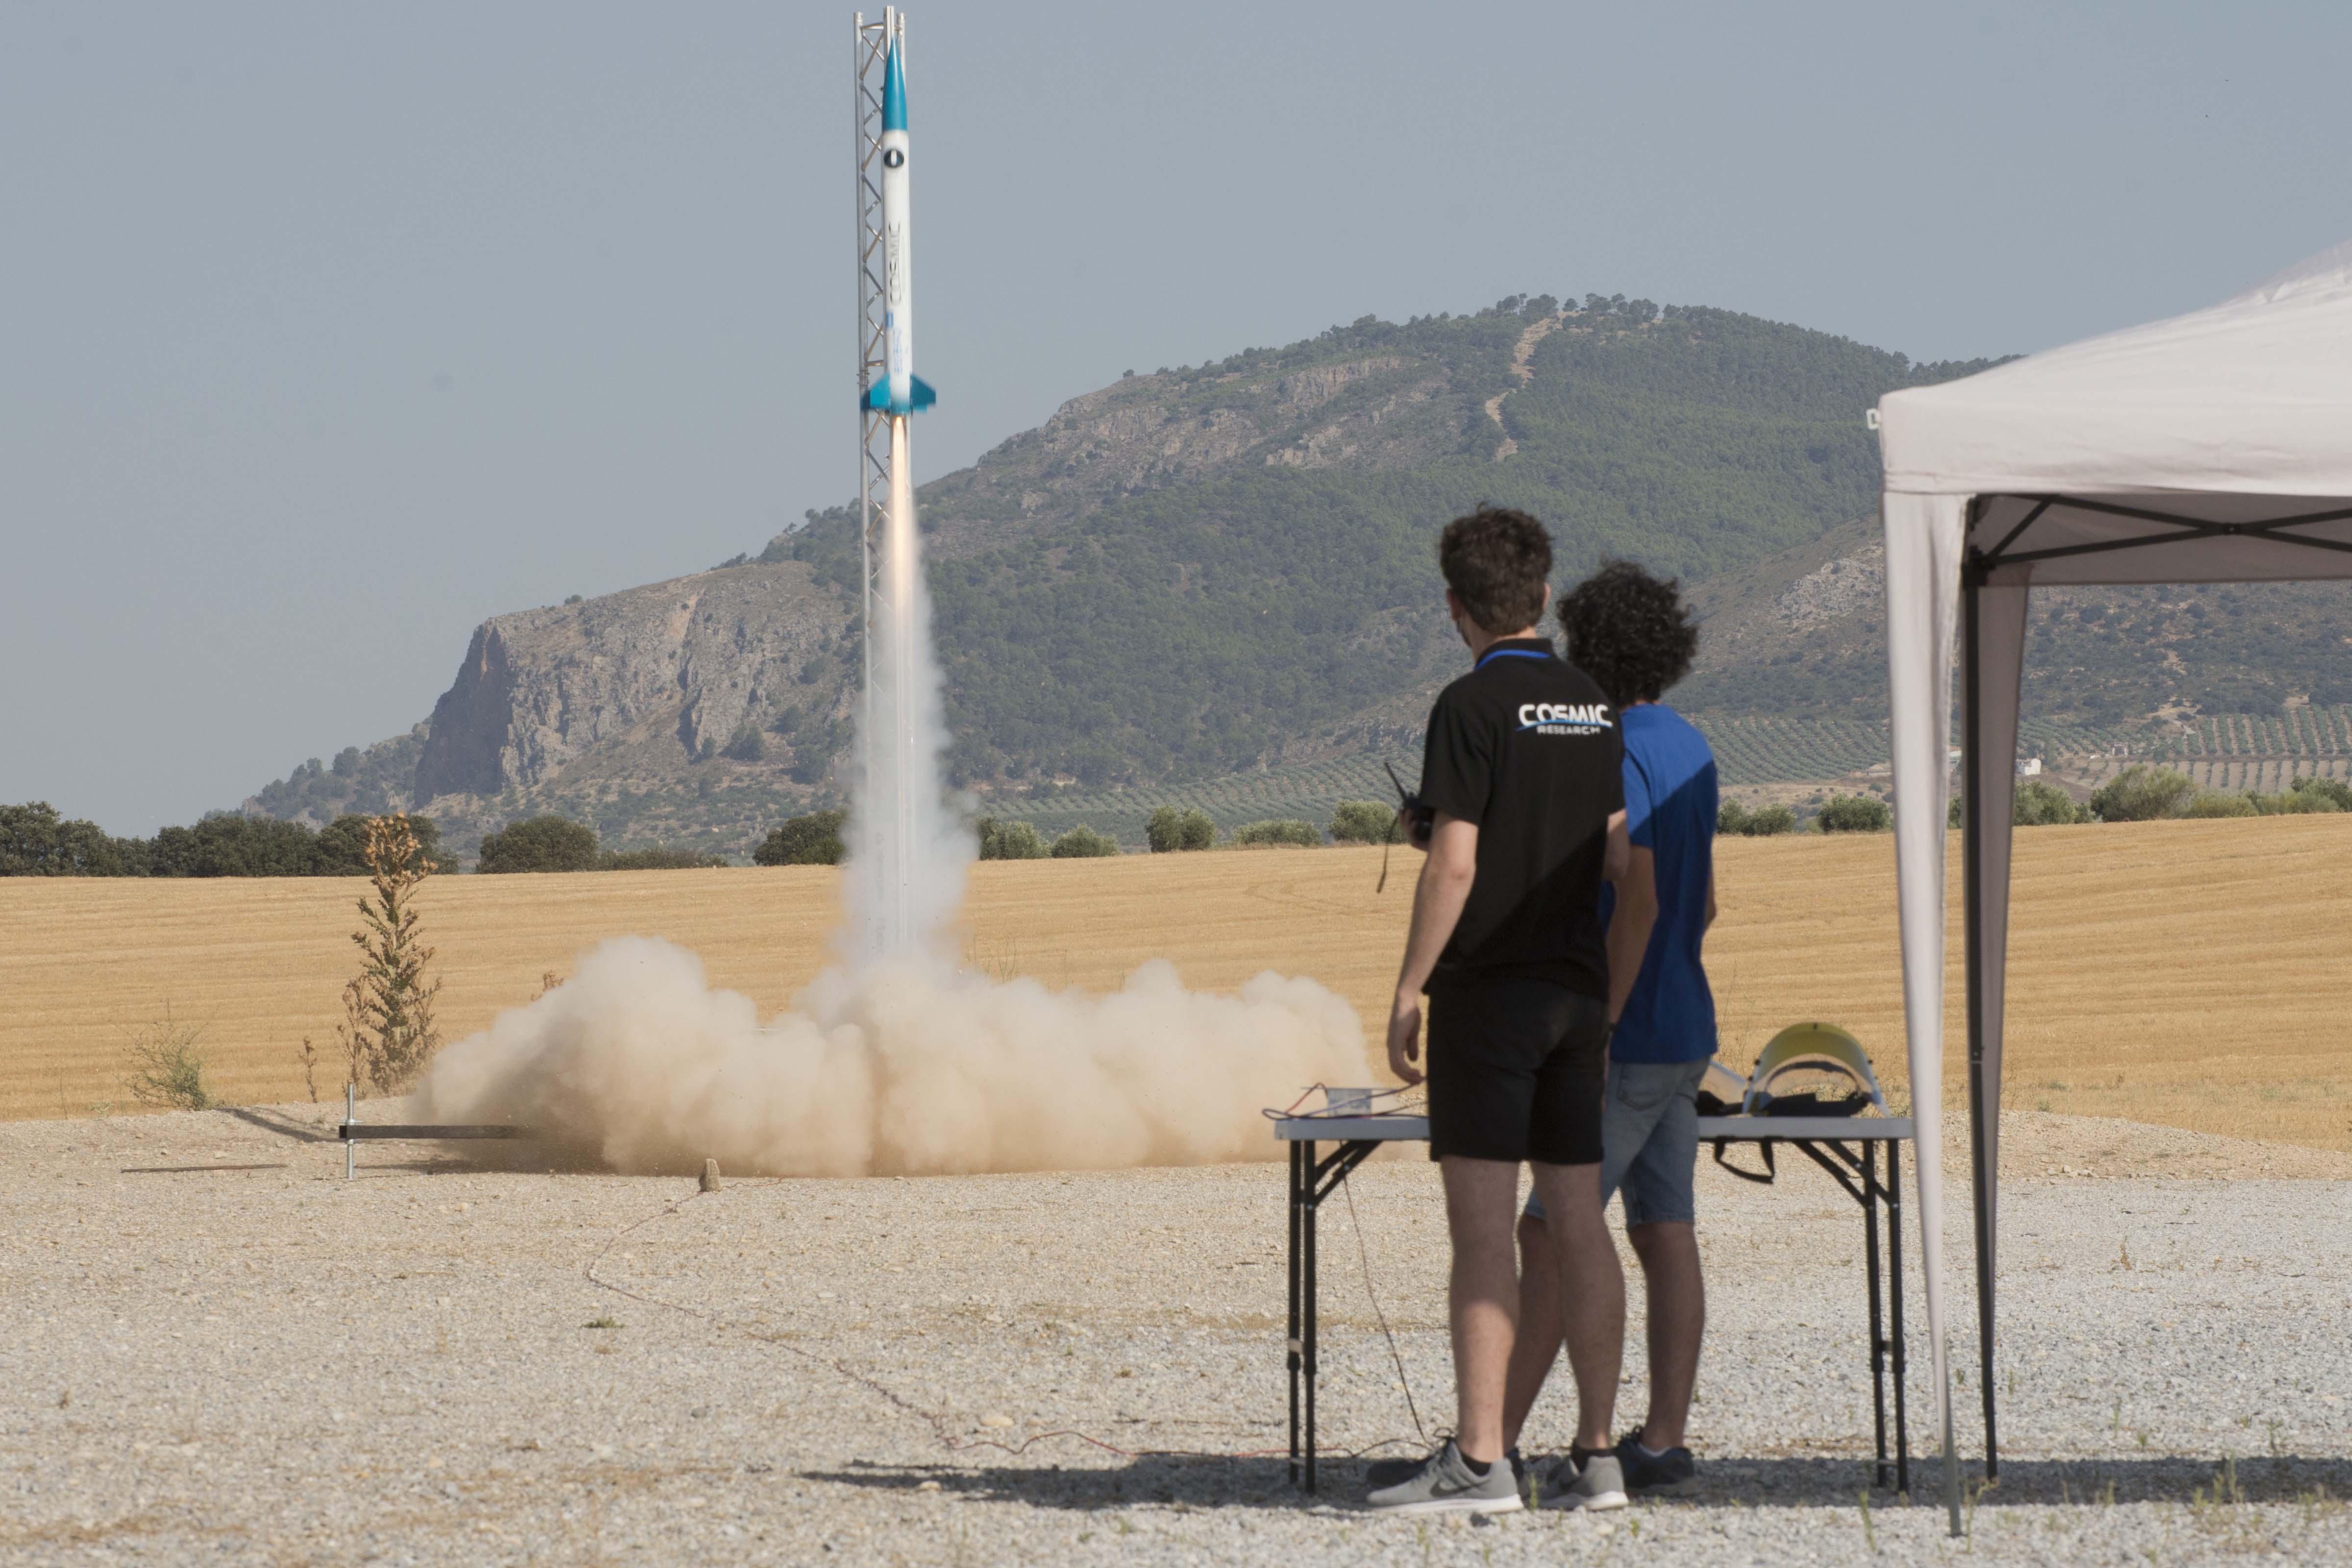 El Parque de las Ciencias organiza la competición nacional de satélites Cansat de la ESA